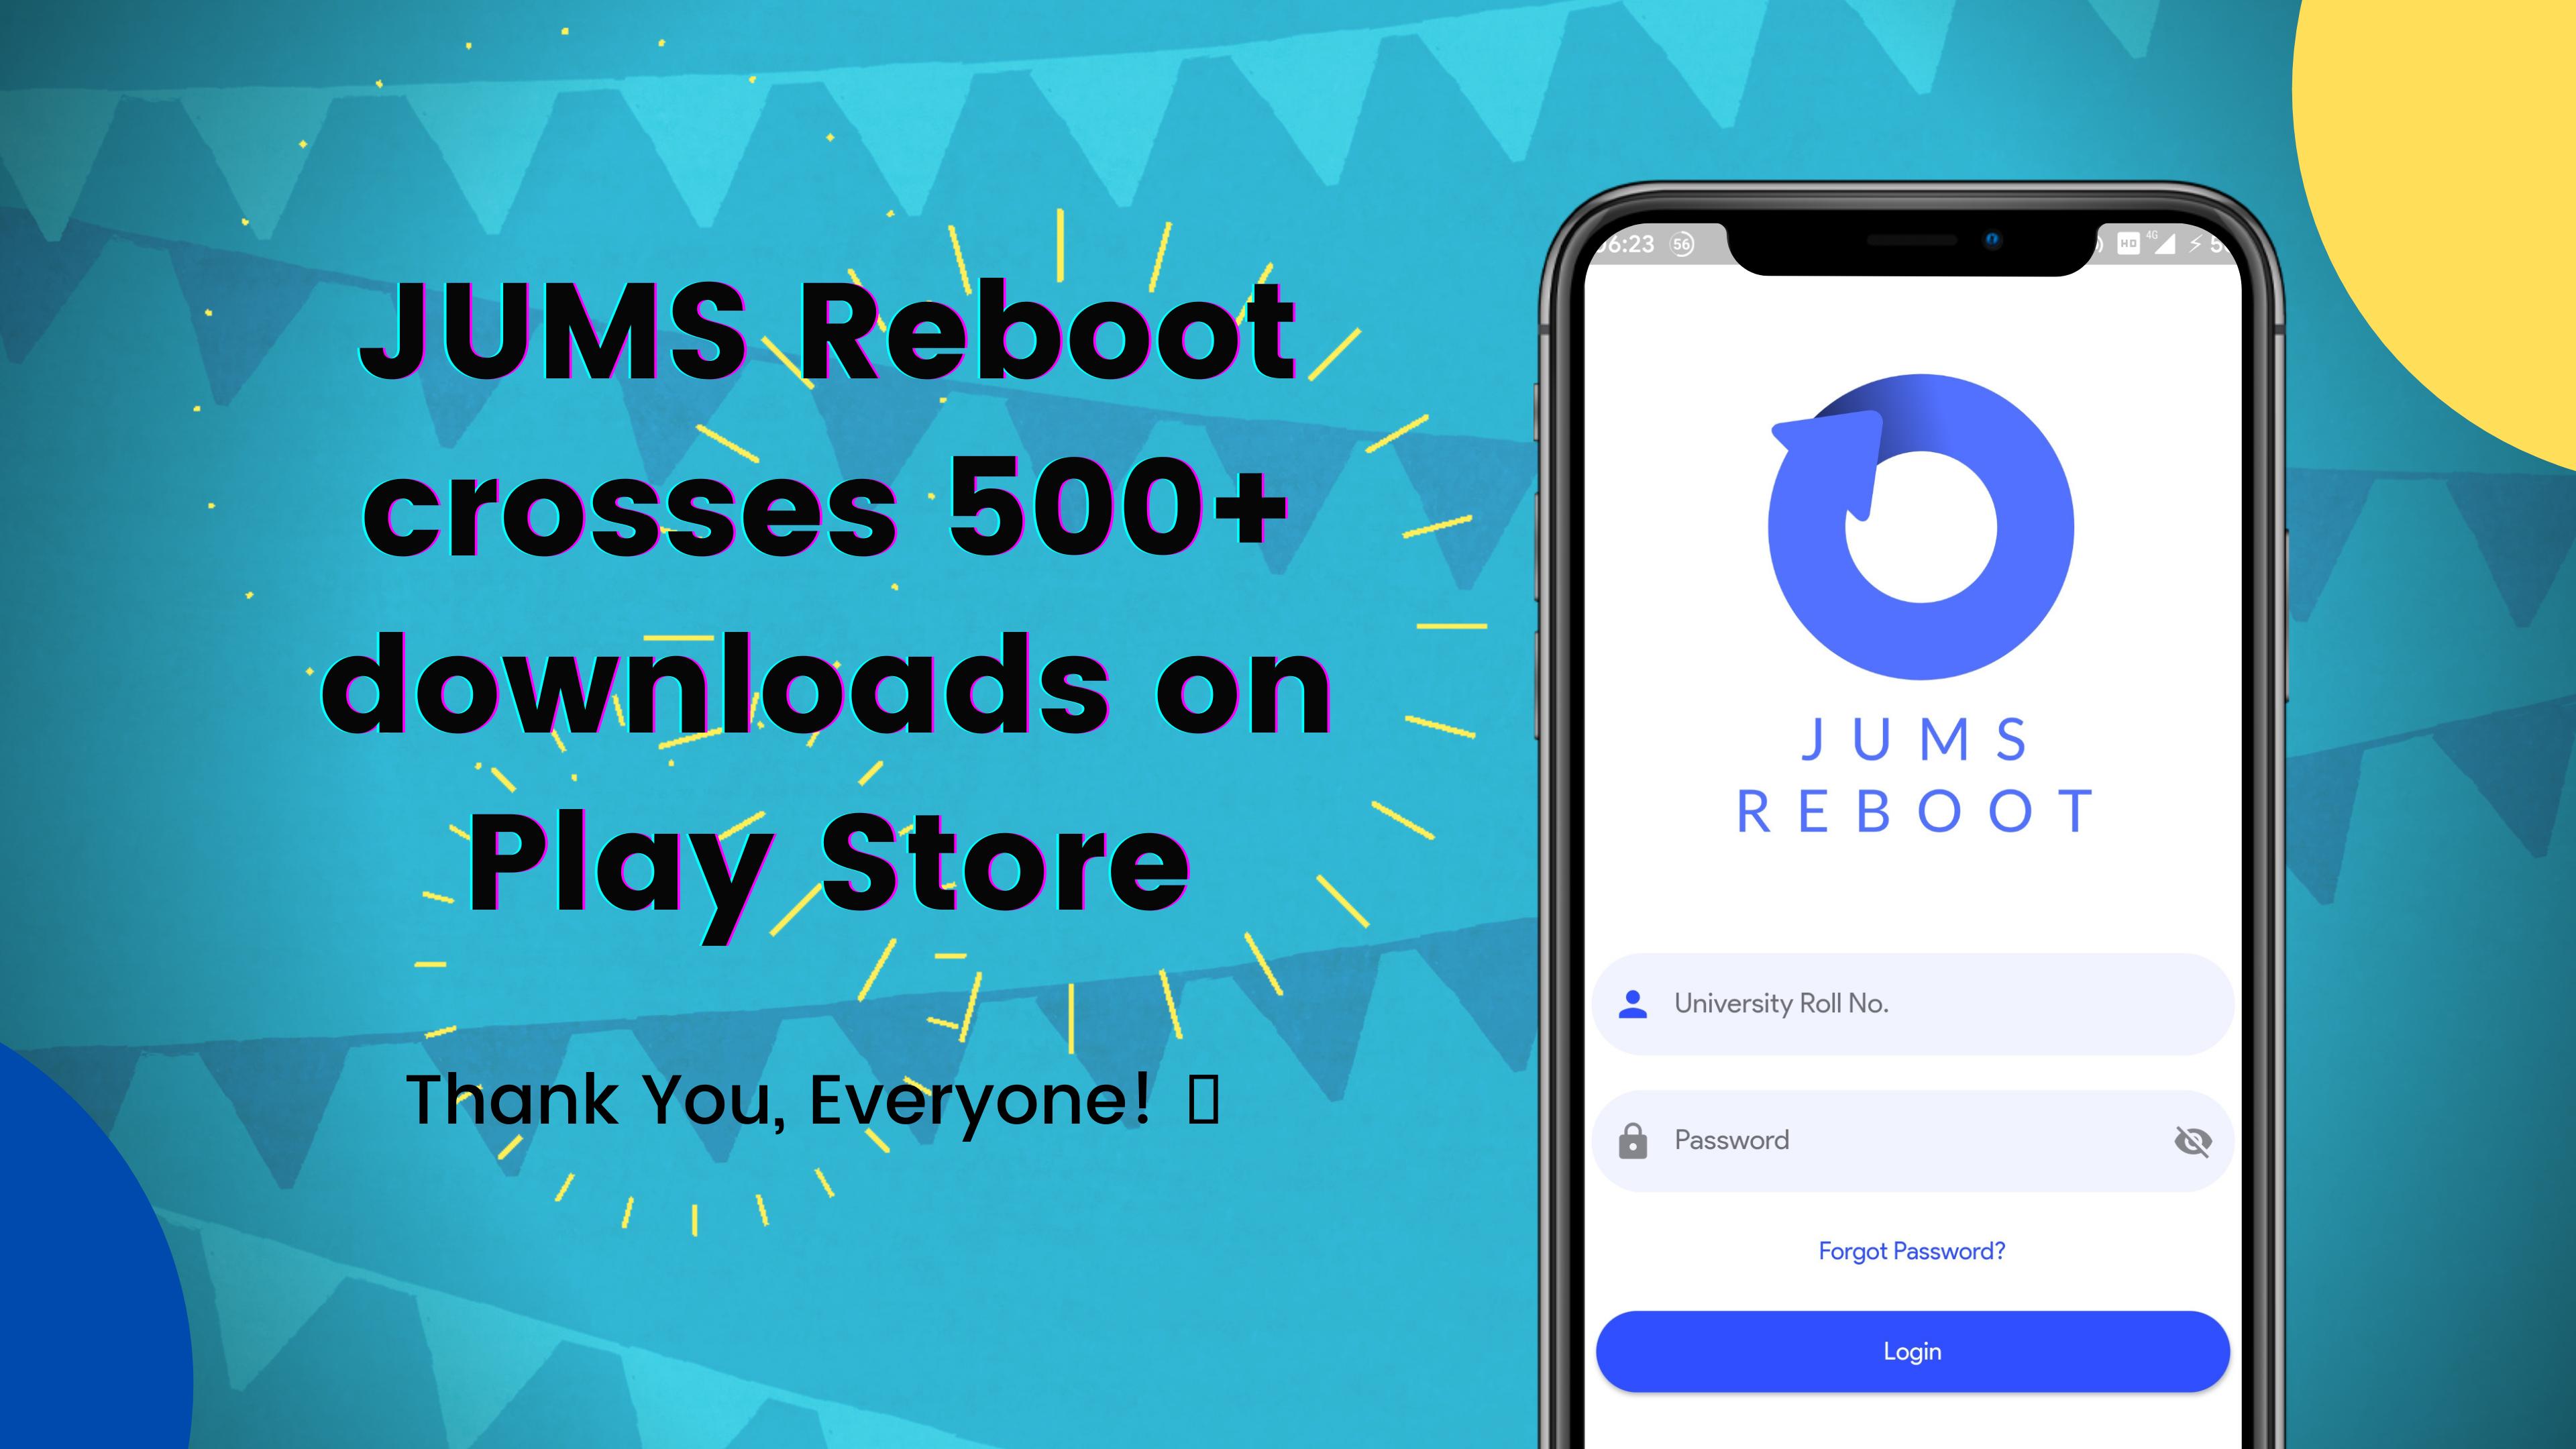 JUMS Reboot